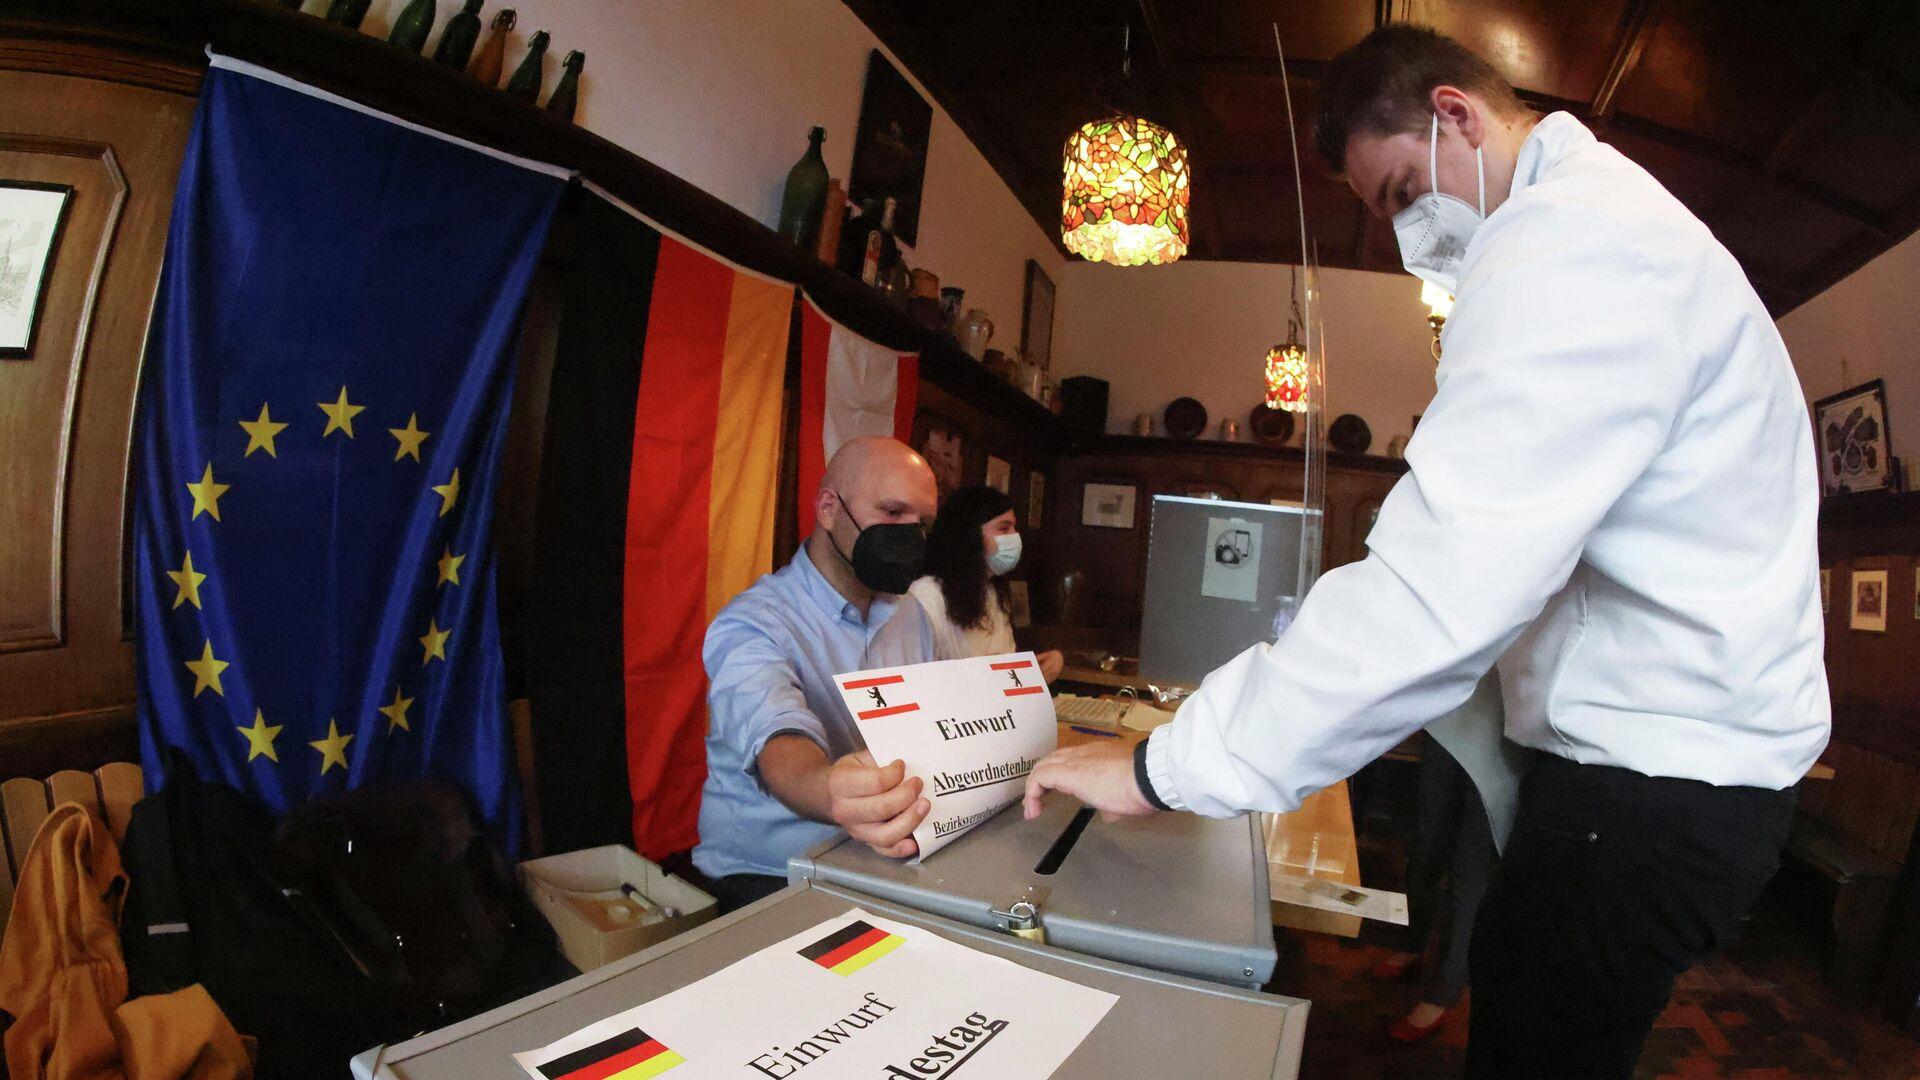 Un hombre emite su voto durante las elecciones parlamentarias en Alemania - Sputnik Mundo, 1920, 26.09.2021